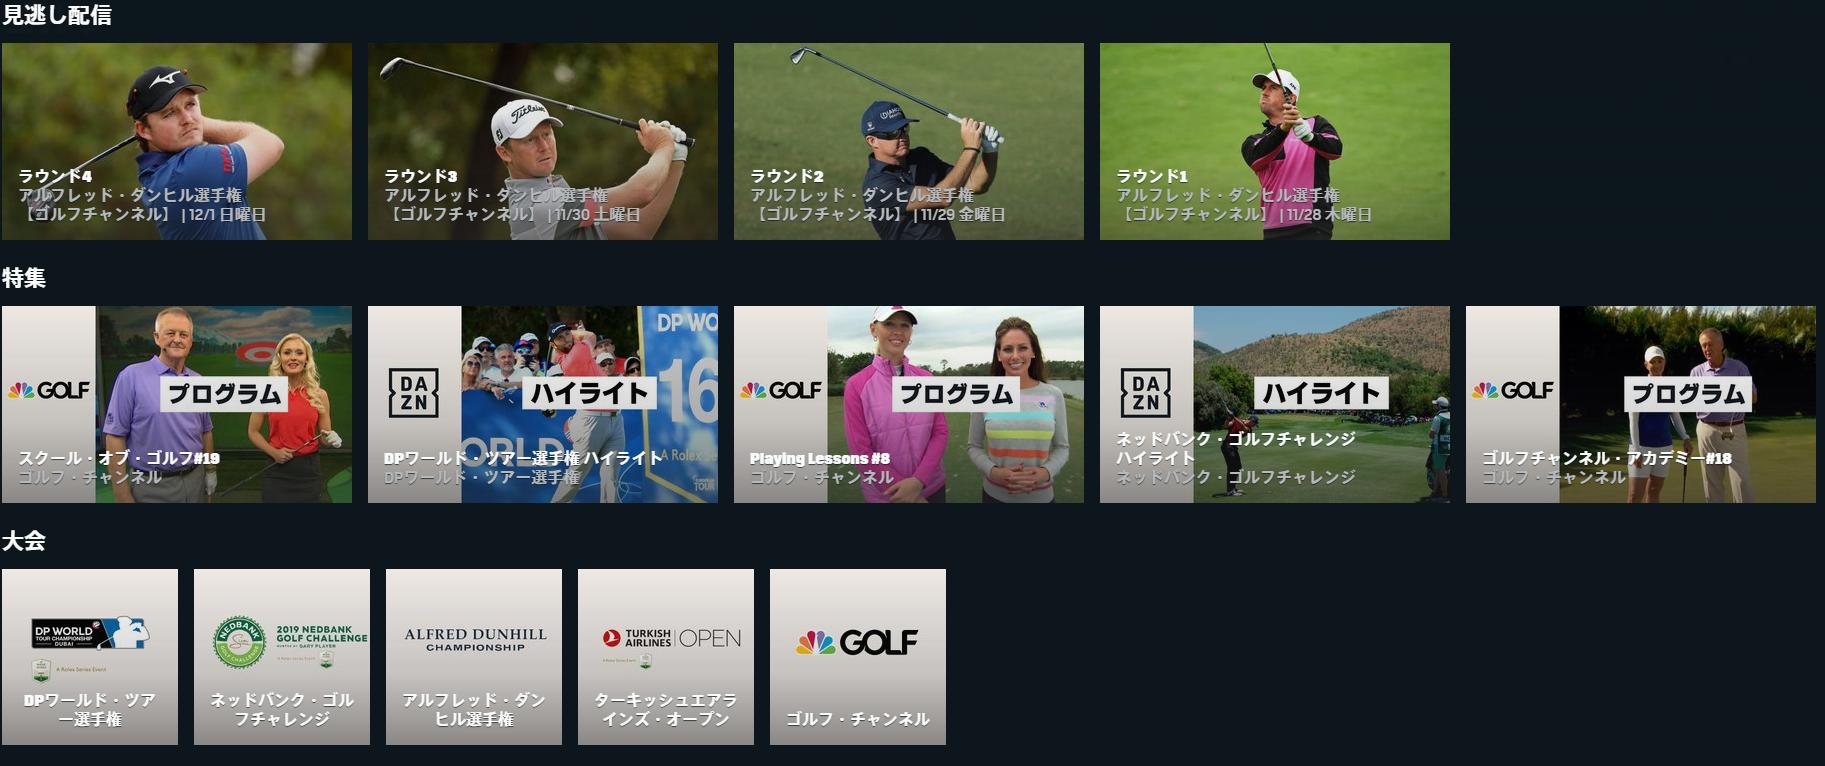 DAZNで見れるゴルフ番組表